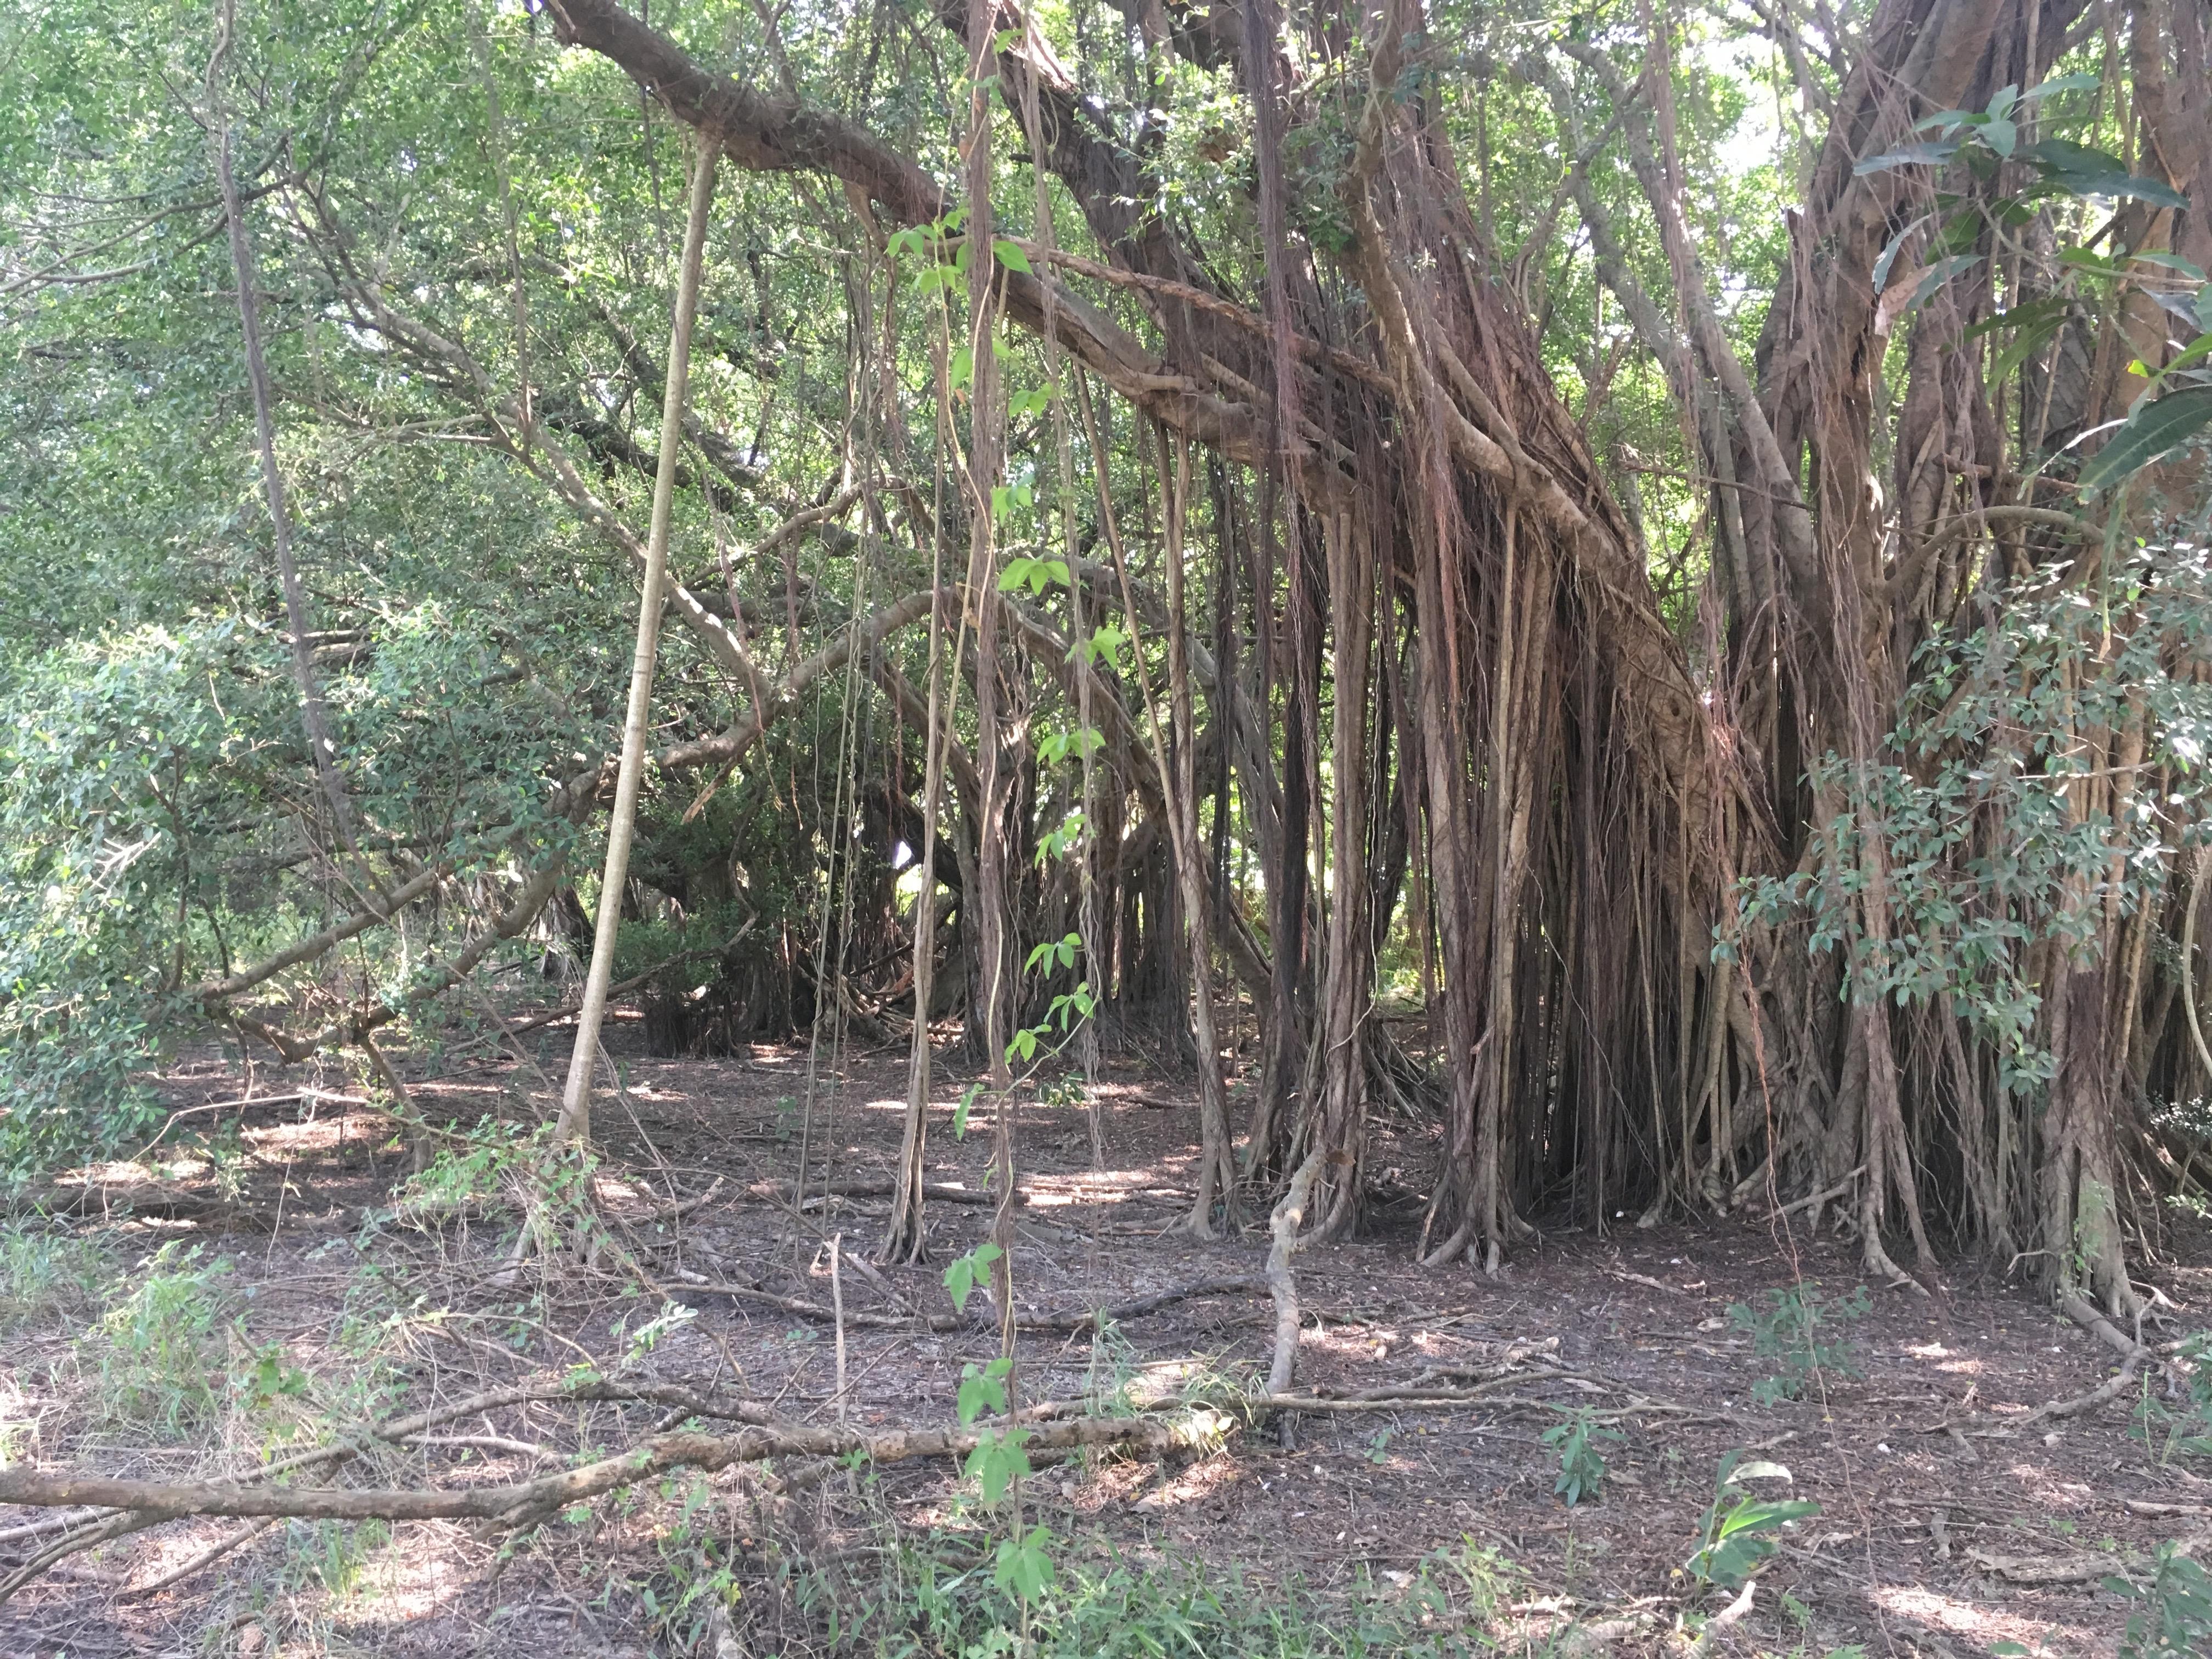 封閉多時的營區內部林相豐富極具生態性,將會以保留、減法設計及融入環境等之手法改造